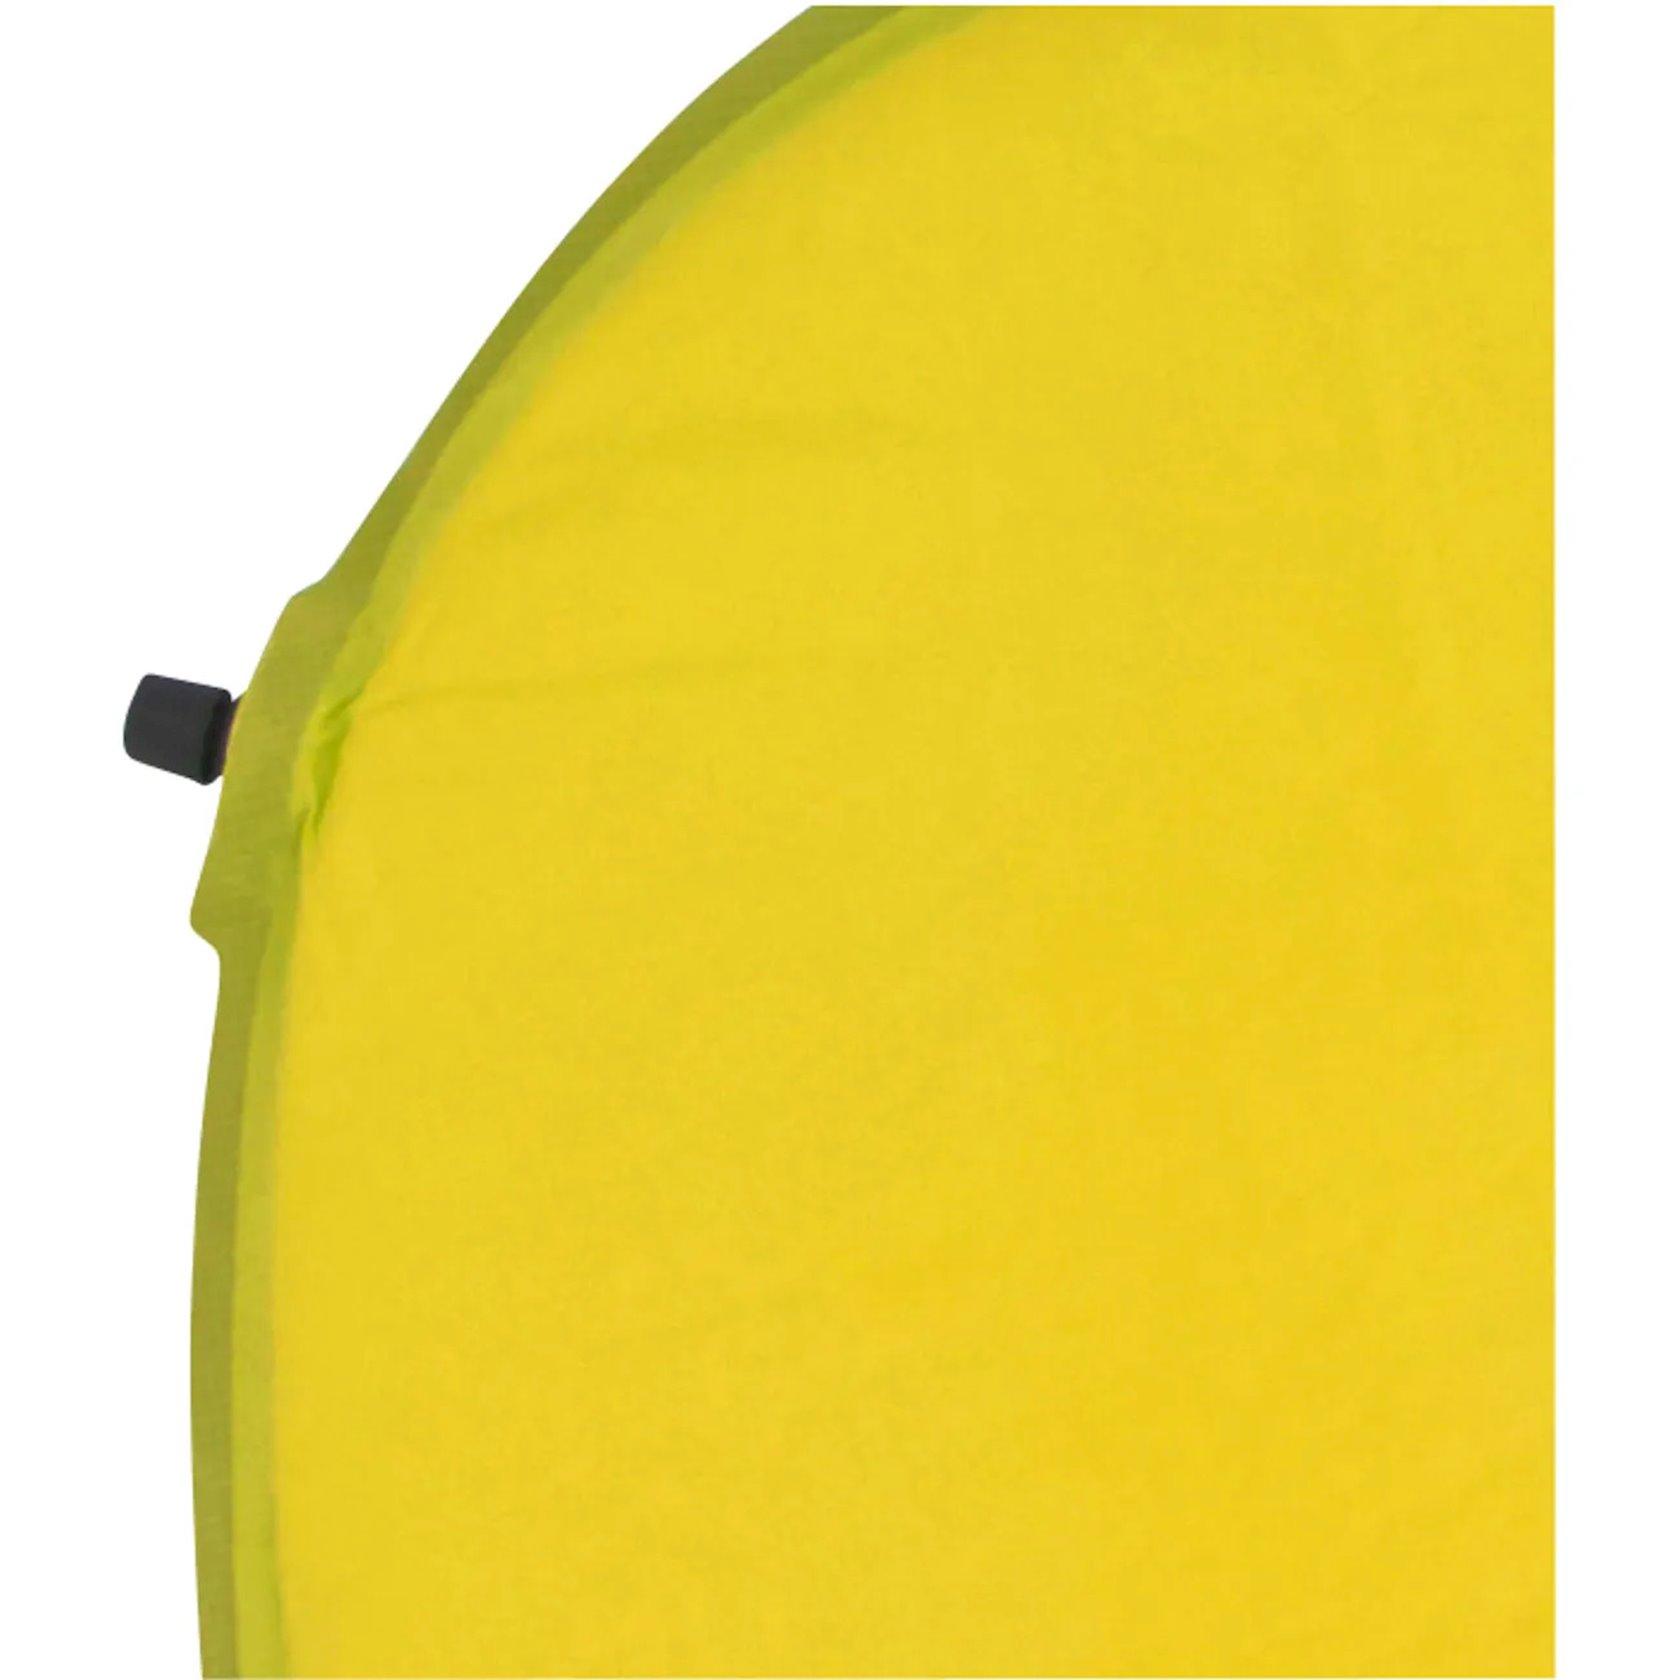 ÖzüŞişirdilən döşək WANABEE ATG LIGHT 120, PVX/poliester, sarı, 120sm х 2.5sm х 55 sm, çexol dəstdə